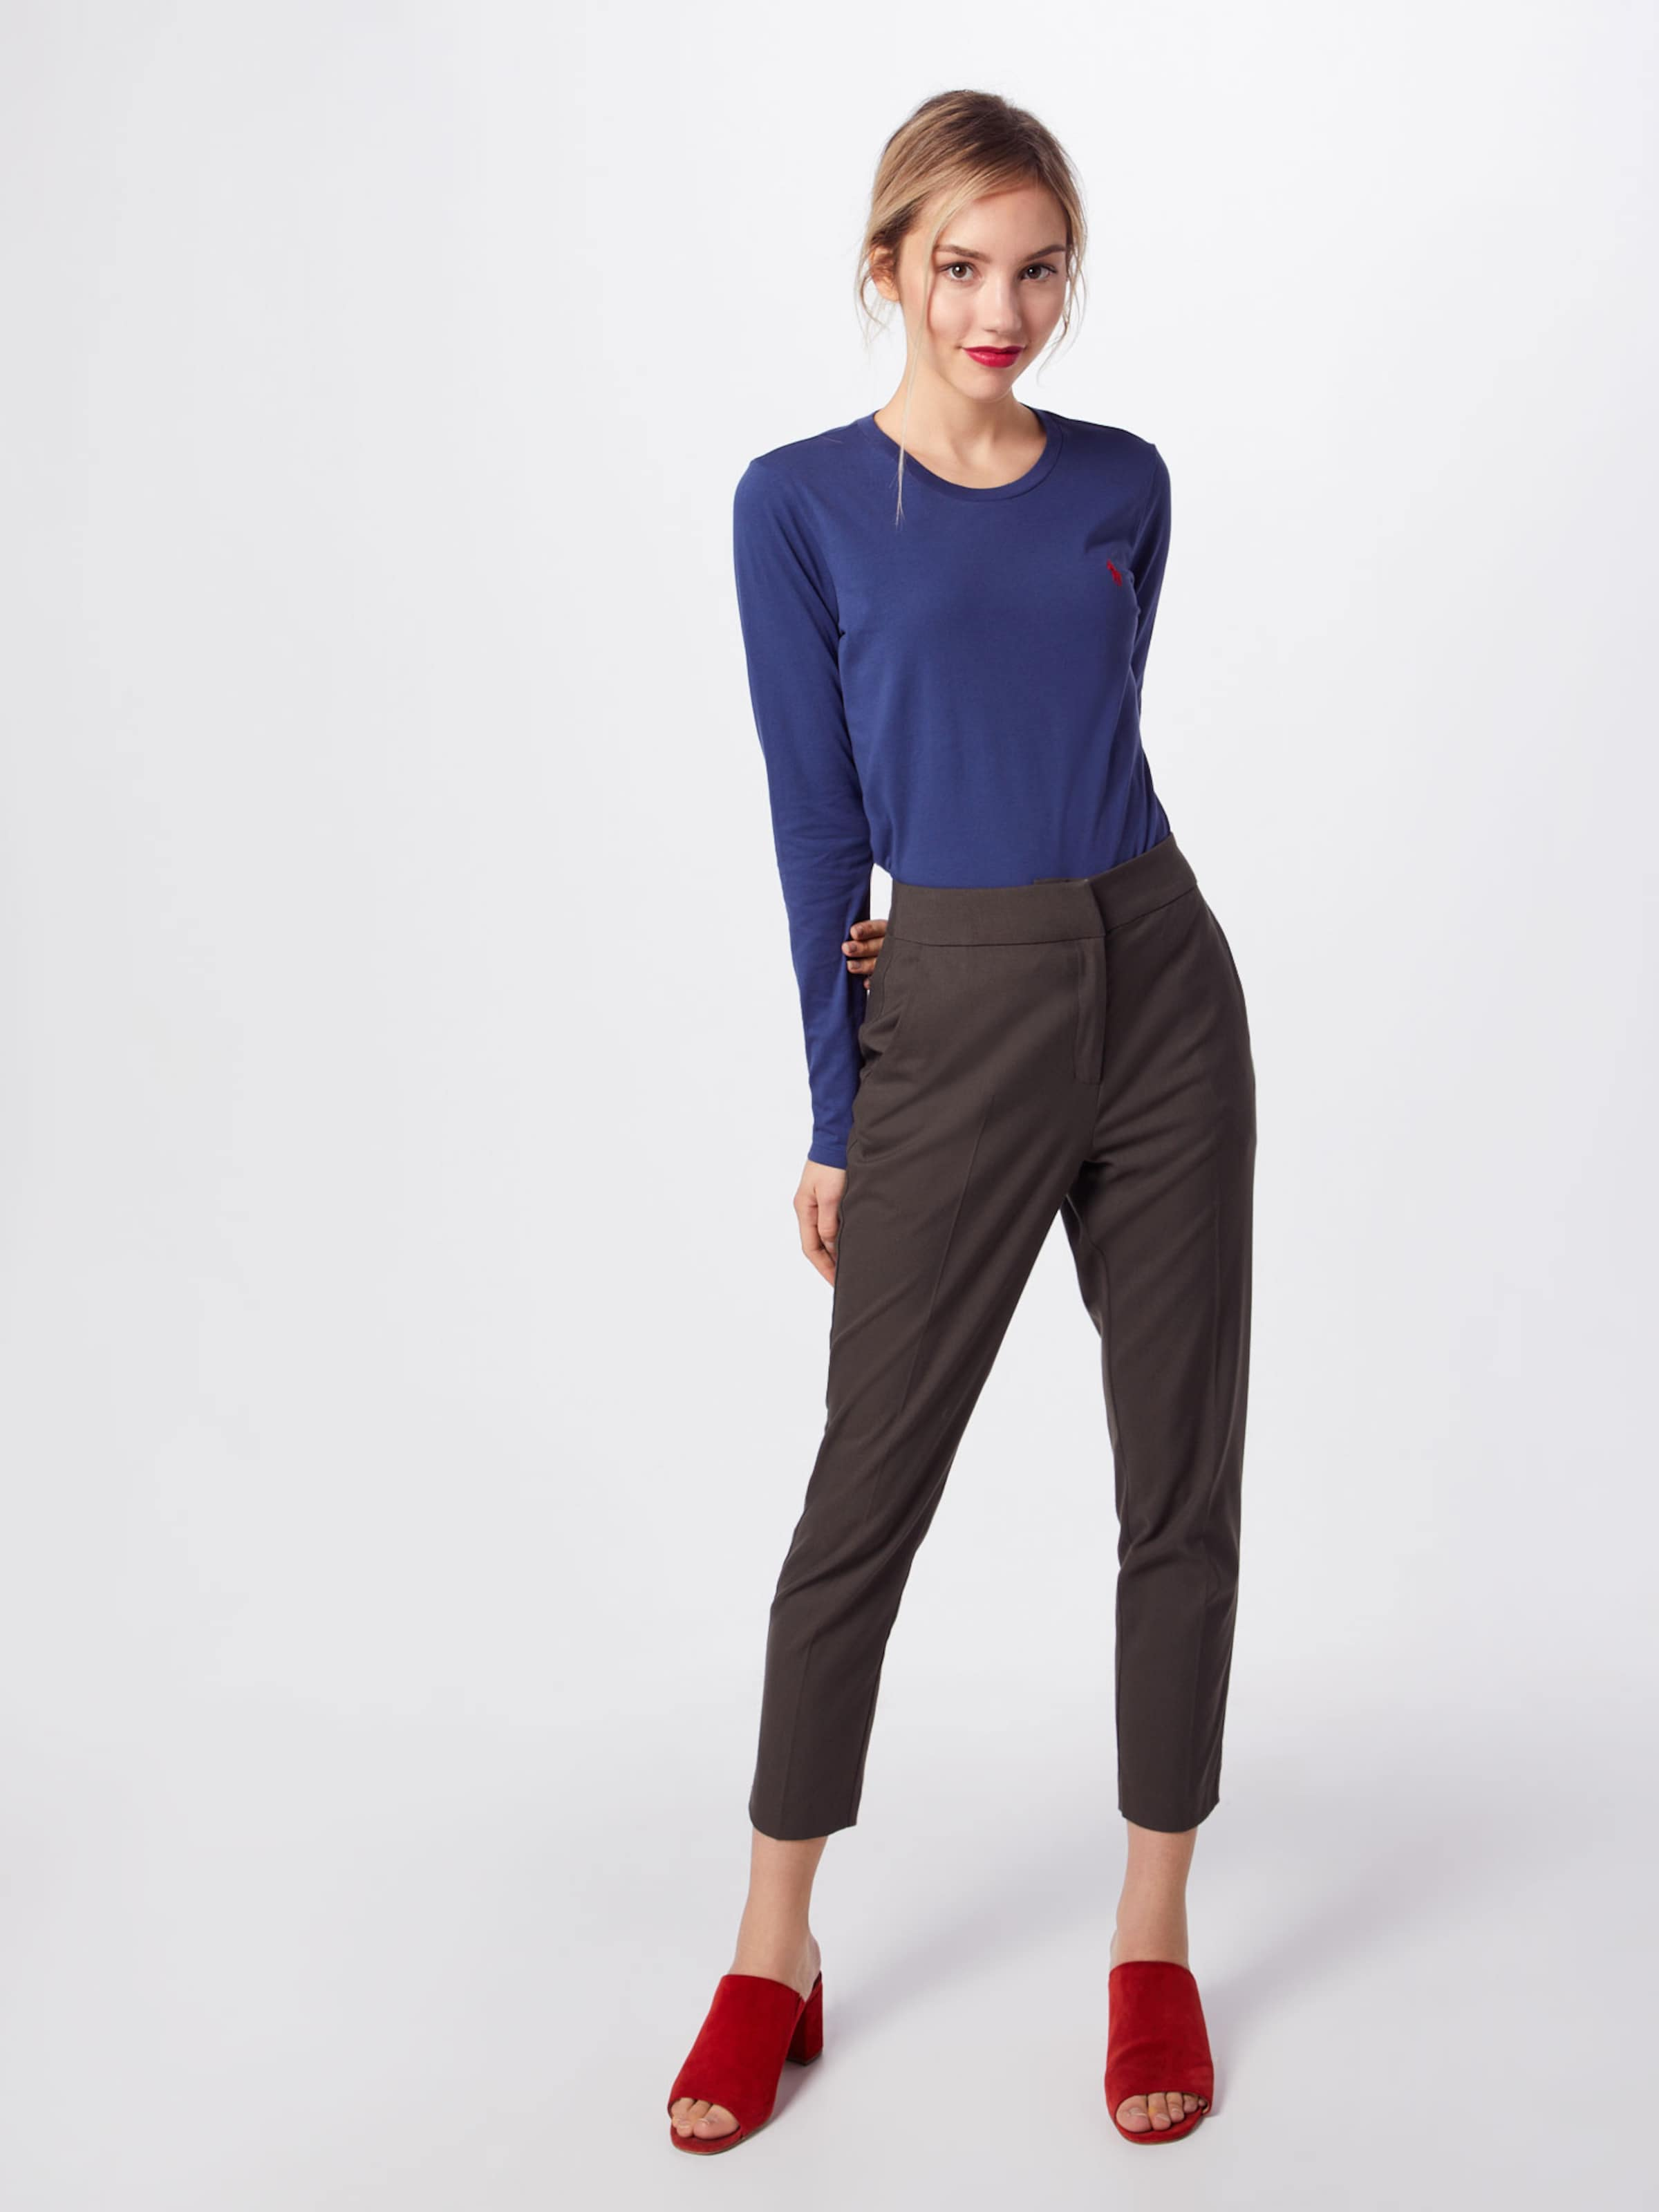 long Bleu Marine knit' Sleeve Pp T Ralph 'ls T shirt W En Polo Lauren RA54jL3